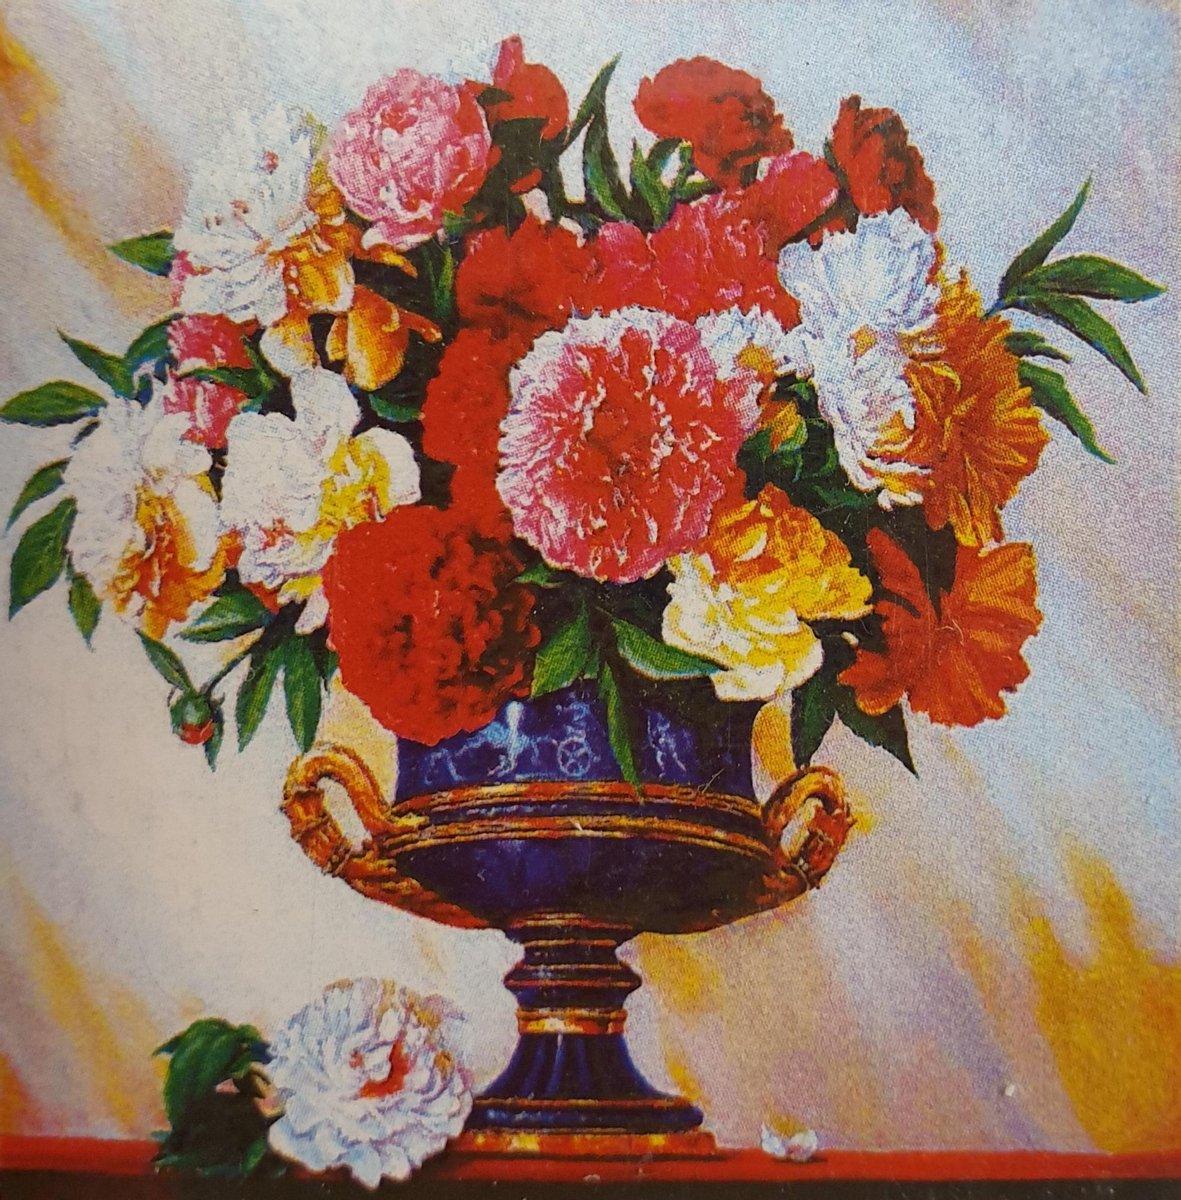 Diamond Painting Volwassenen | Bloemen | 25 x 35 cm | Diamond Painting Pakket Volledig | Diamond Painting Kinderen| Inclusief Tools